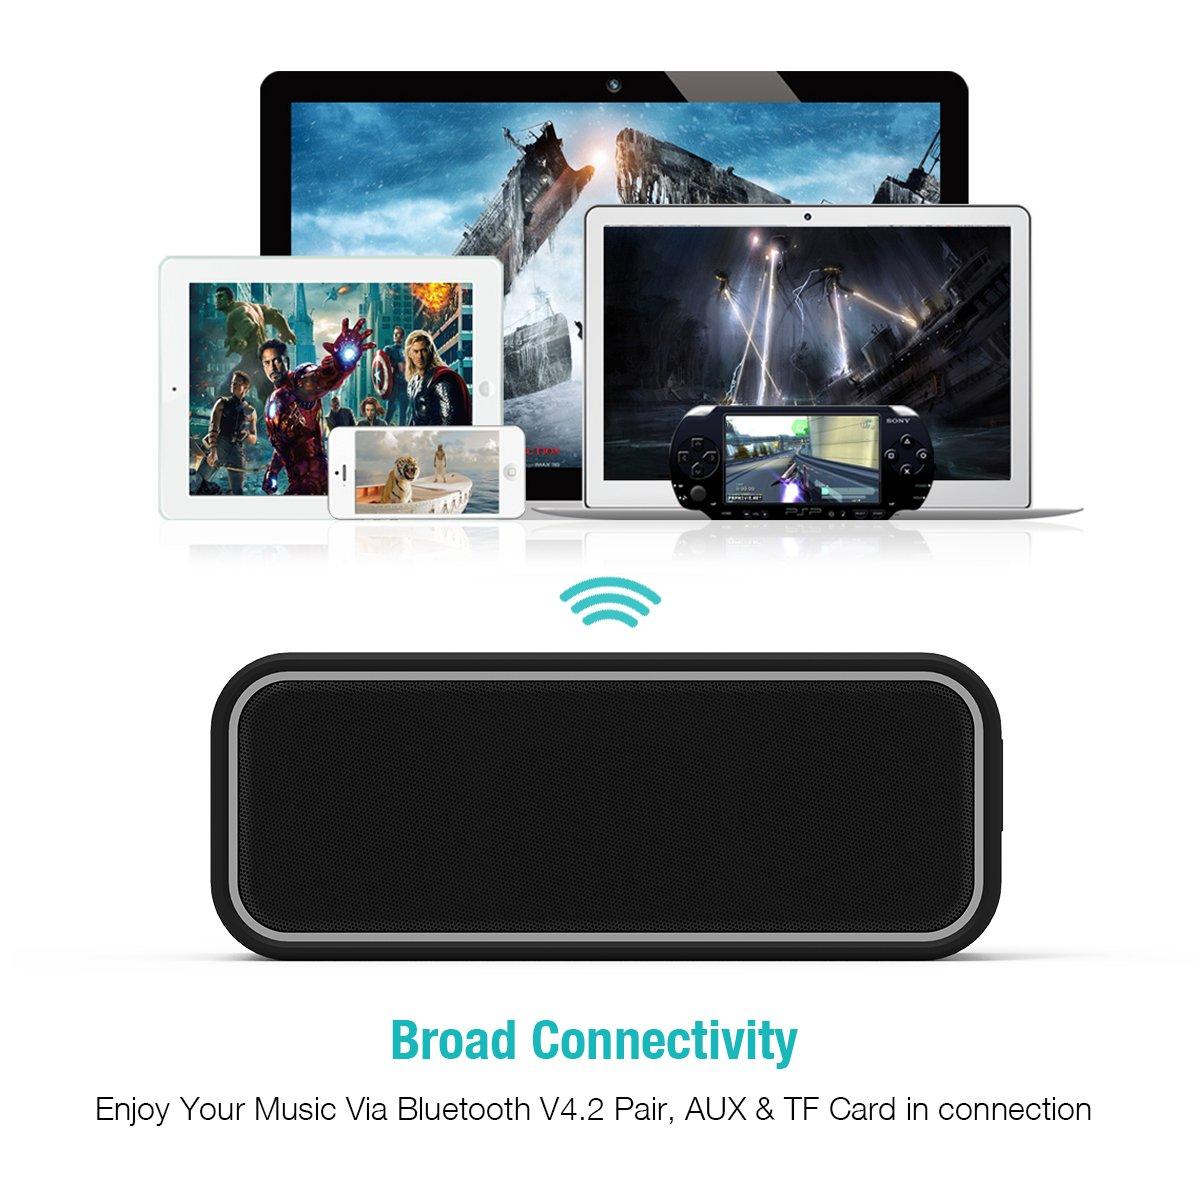 Bassi Estremi con Suono Stereo Compatibile con Android Altoparlante Bluetooth Wireless Portatile Durata Batteria 12 ore e Tavoletta Driver doppio EC Technology Altoparlante Bluetooth 40W IPX7